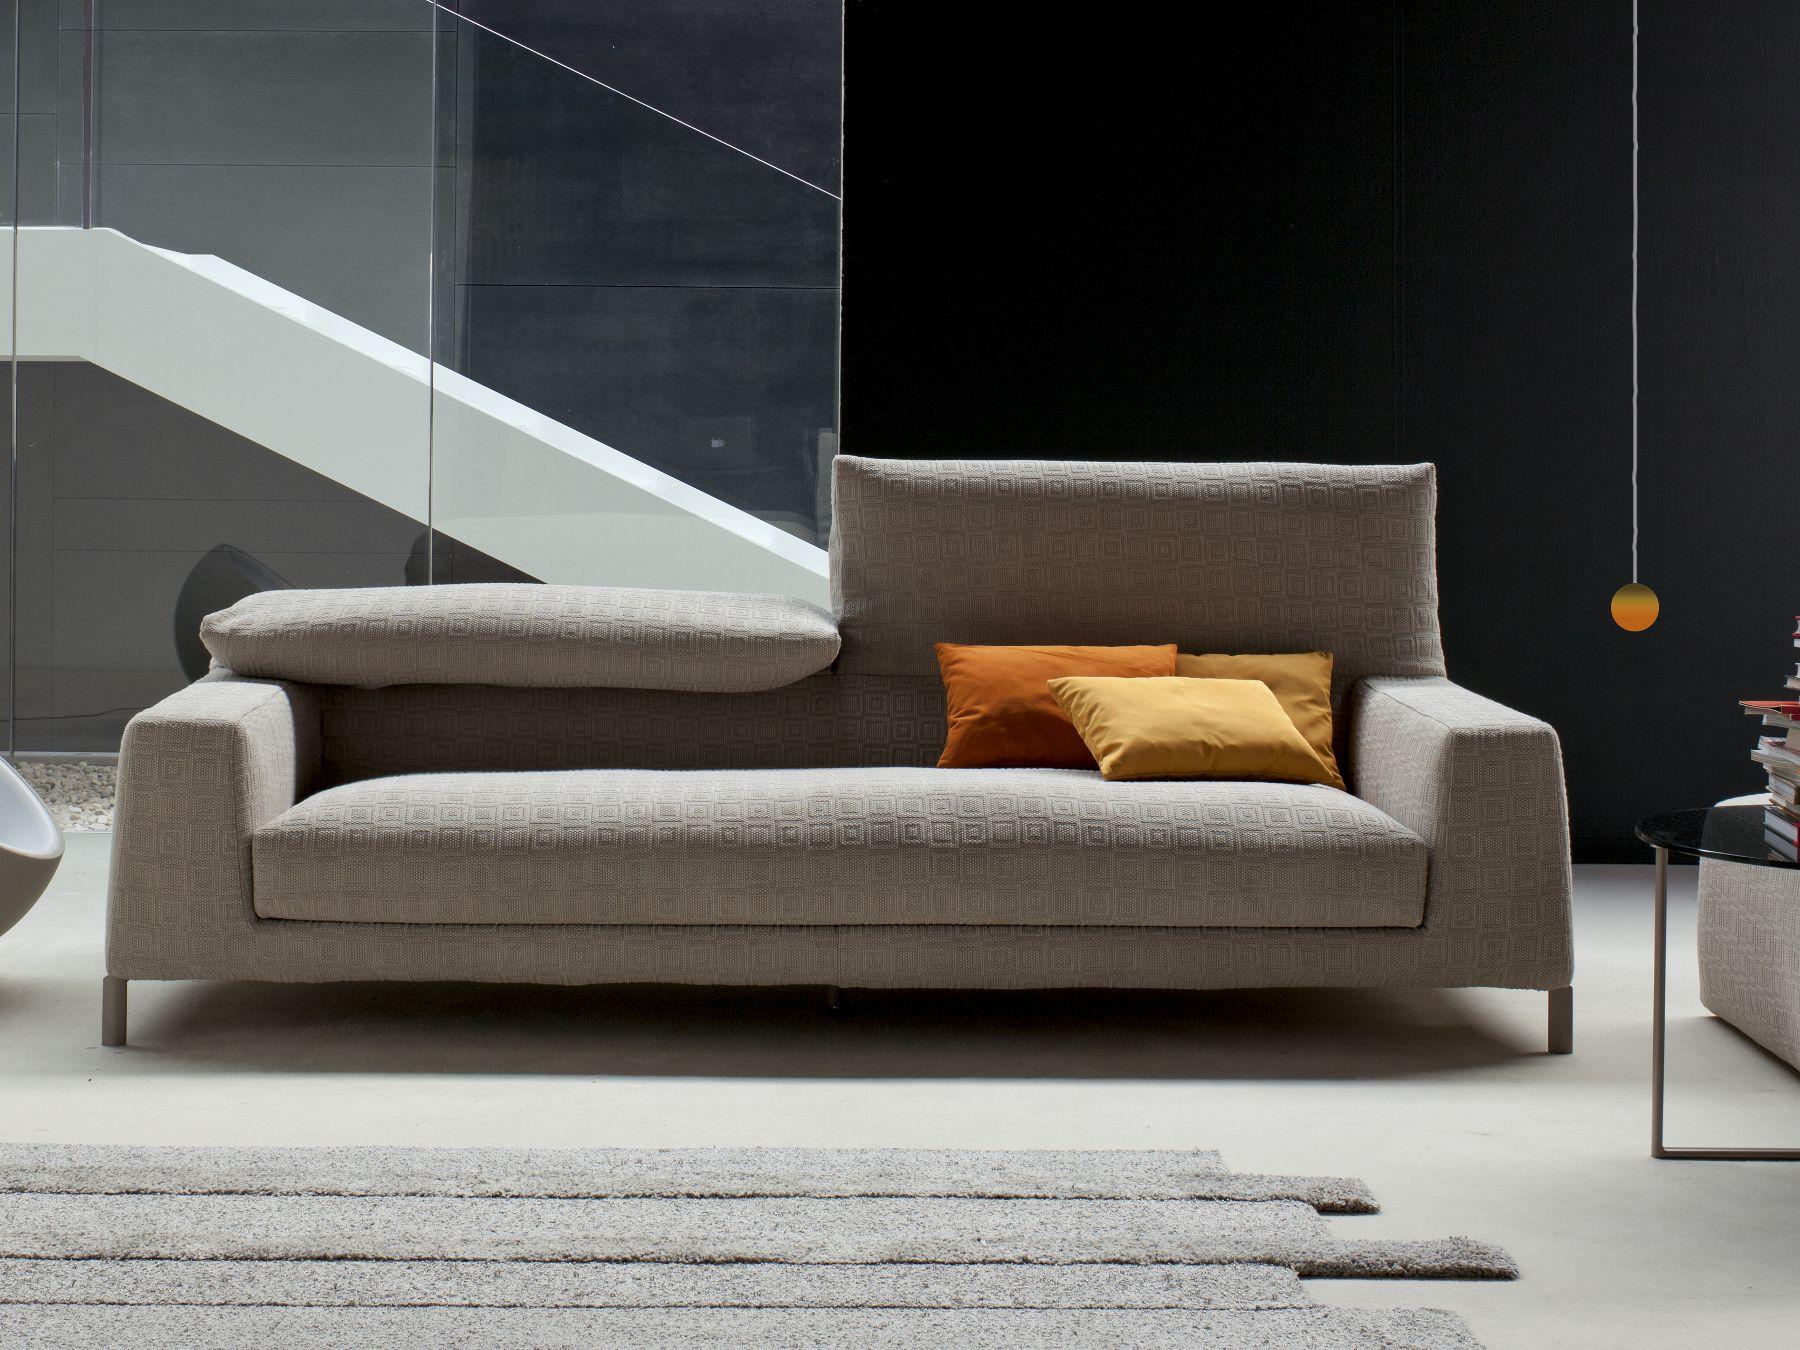 Upholstered Sofa VITA By Bonaldo   Design Mauro Lipparini